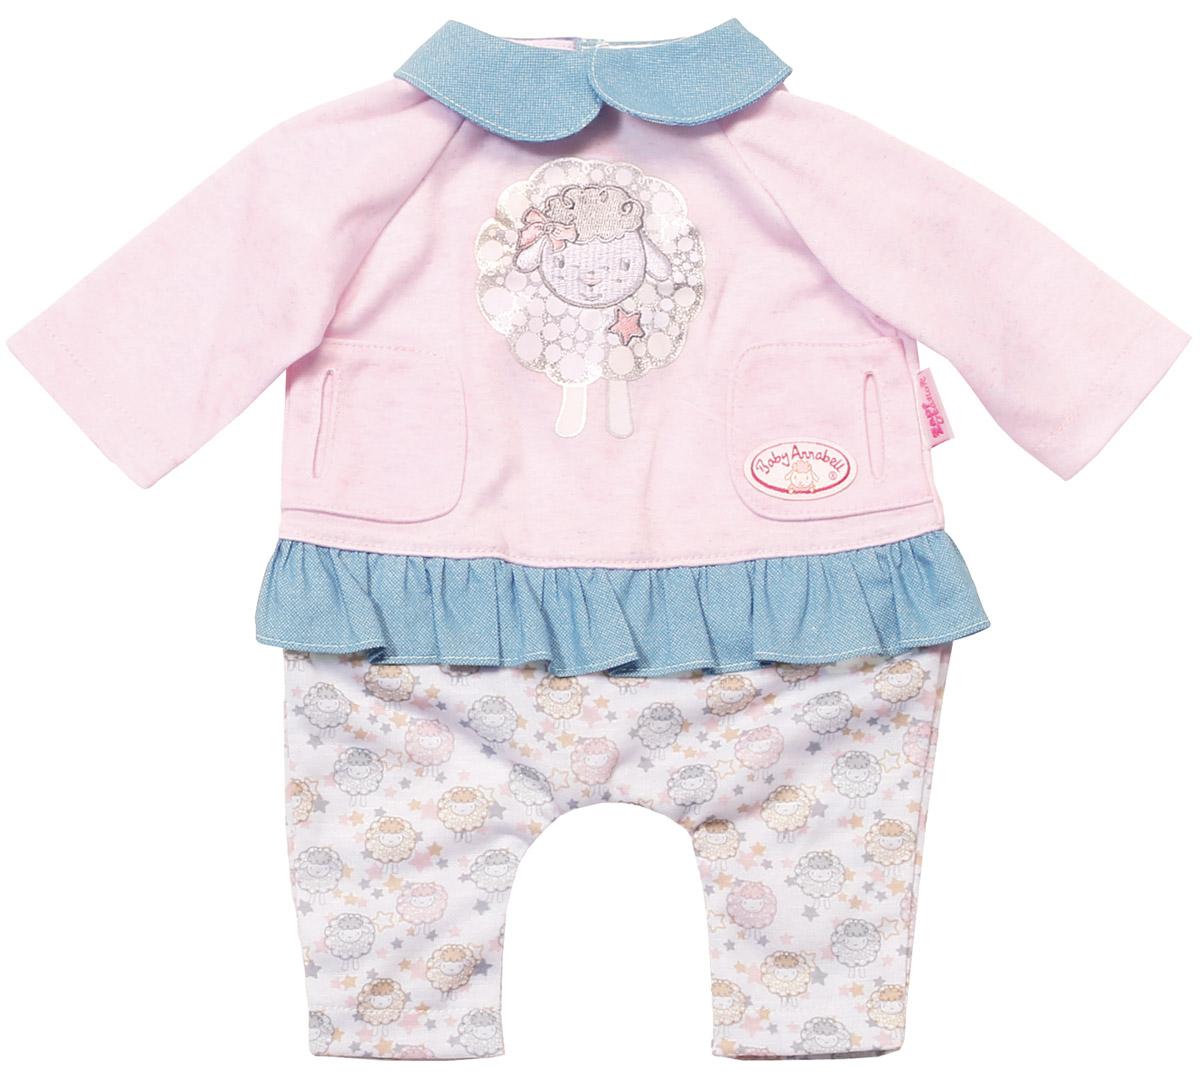 Baby Annabell Одежда для куклы Спокойной ночи basiс baby штанишки с боковыми кармашками little gentleman